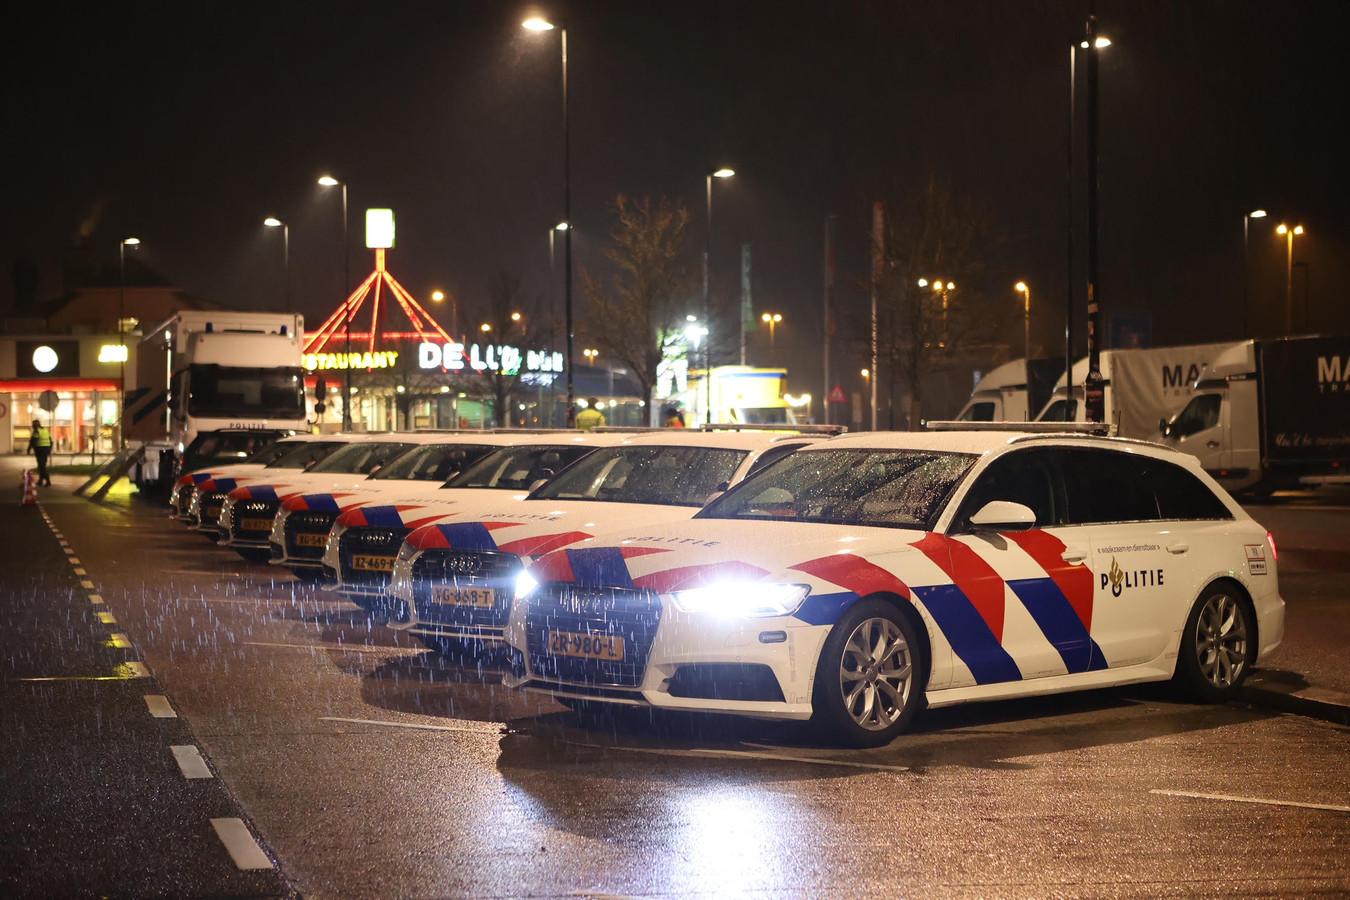 Grote politiecontrole bij ingang van de avondklok op de A2 bij Zaltbommel.